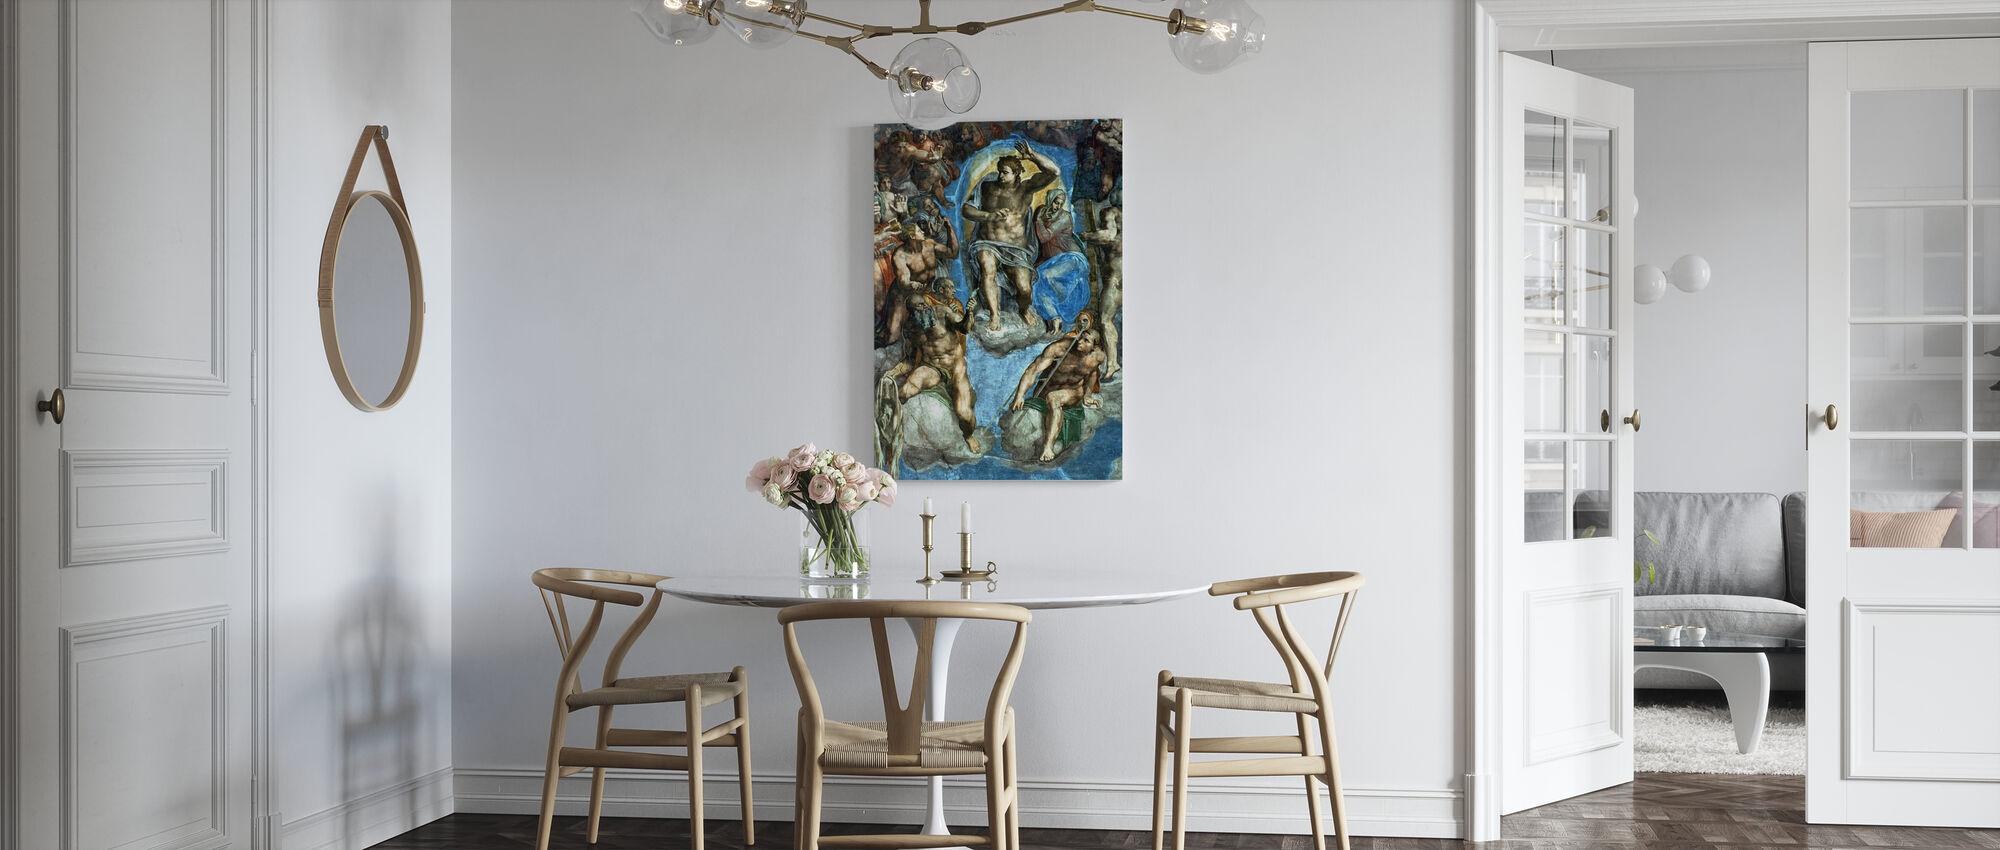 Jugement dernier - Michelangelo Buonarroti - Impression sur toile - Cuisine